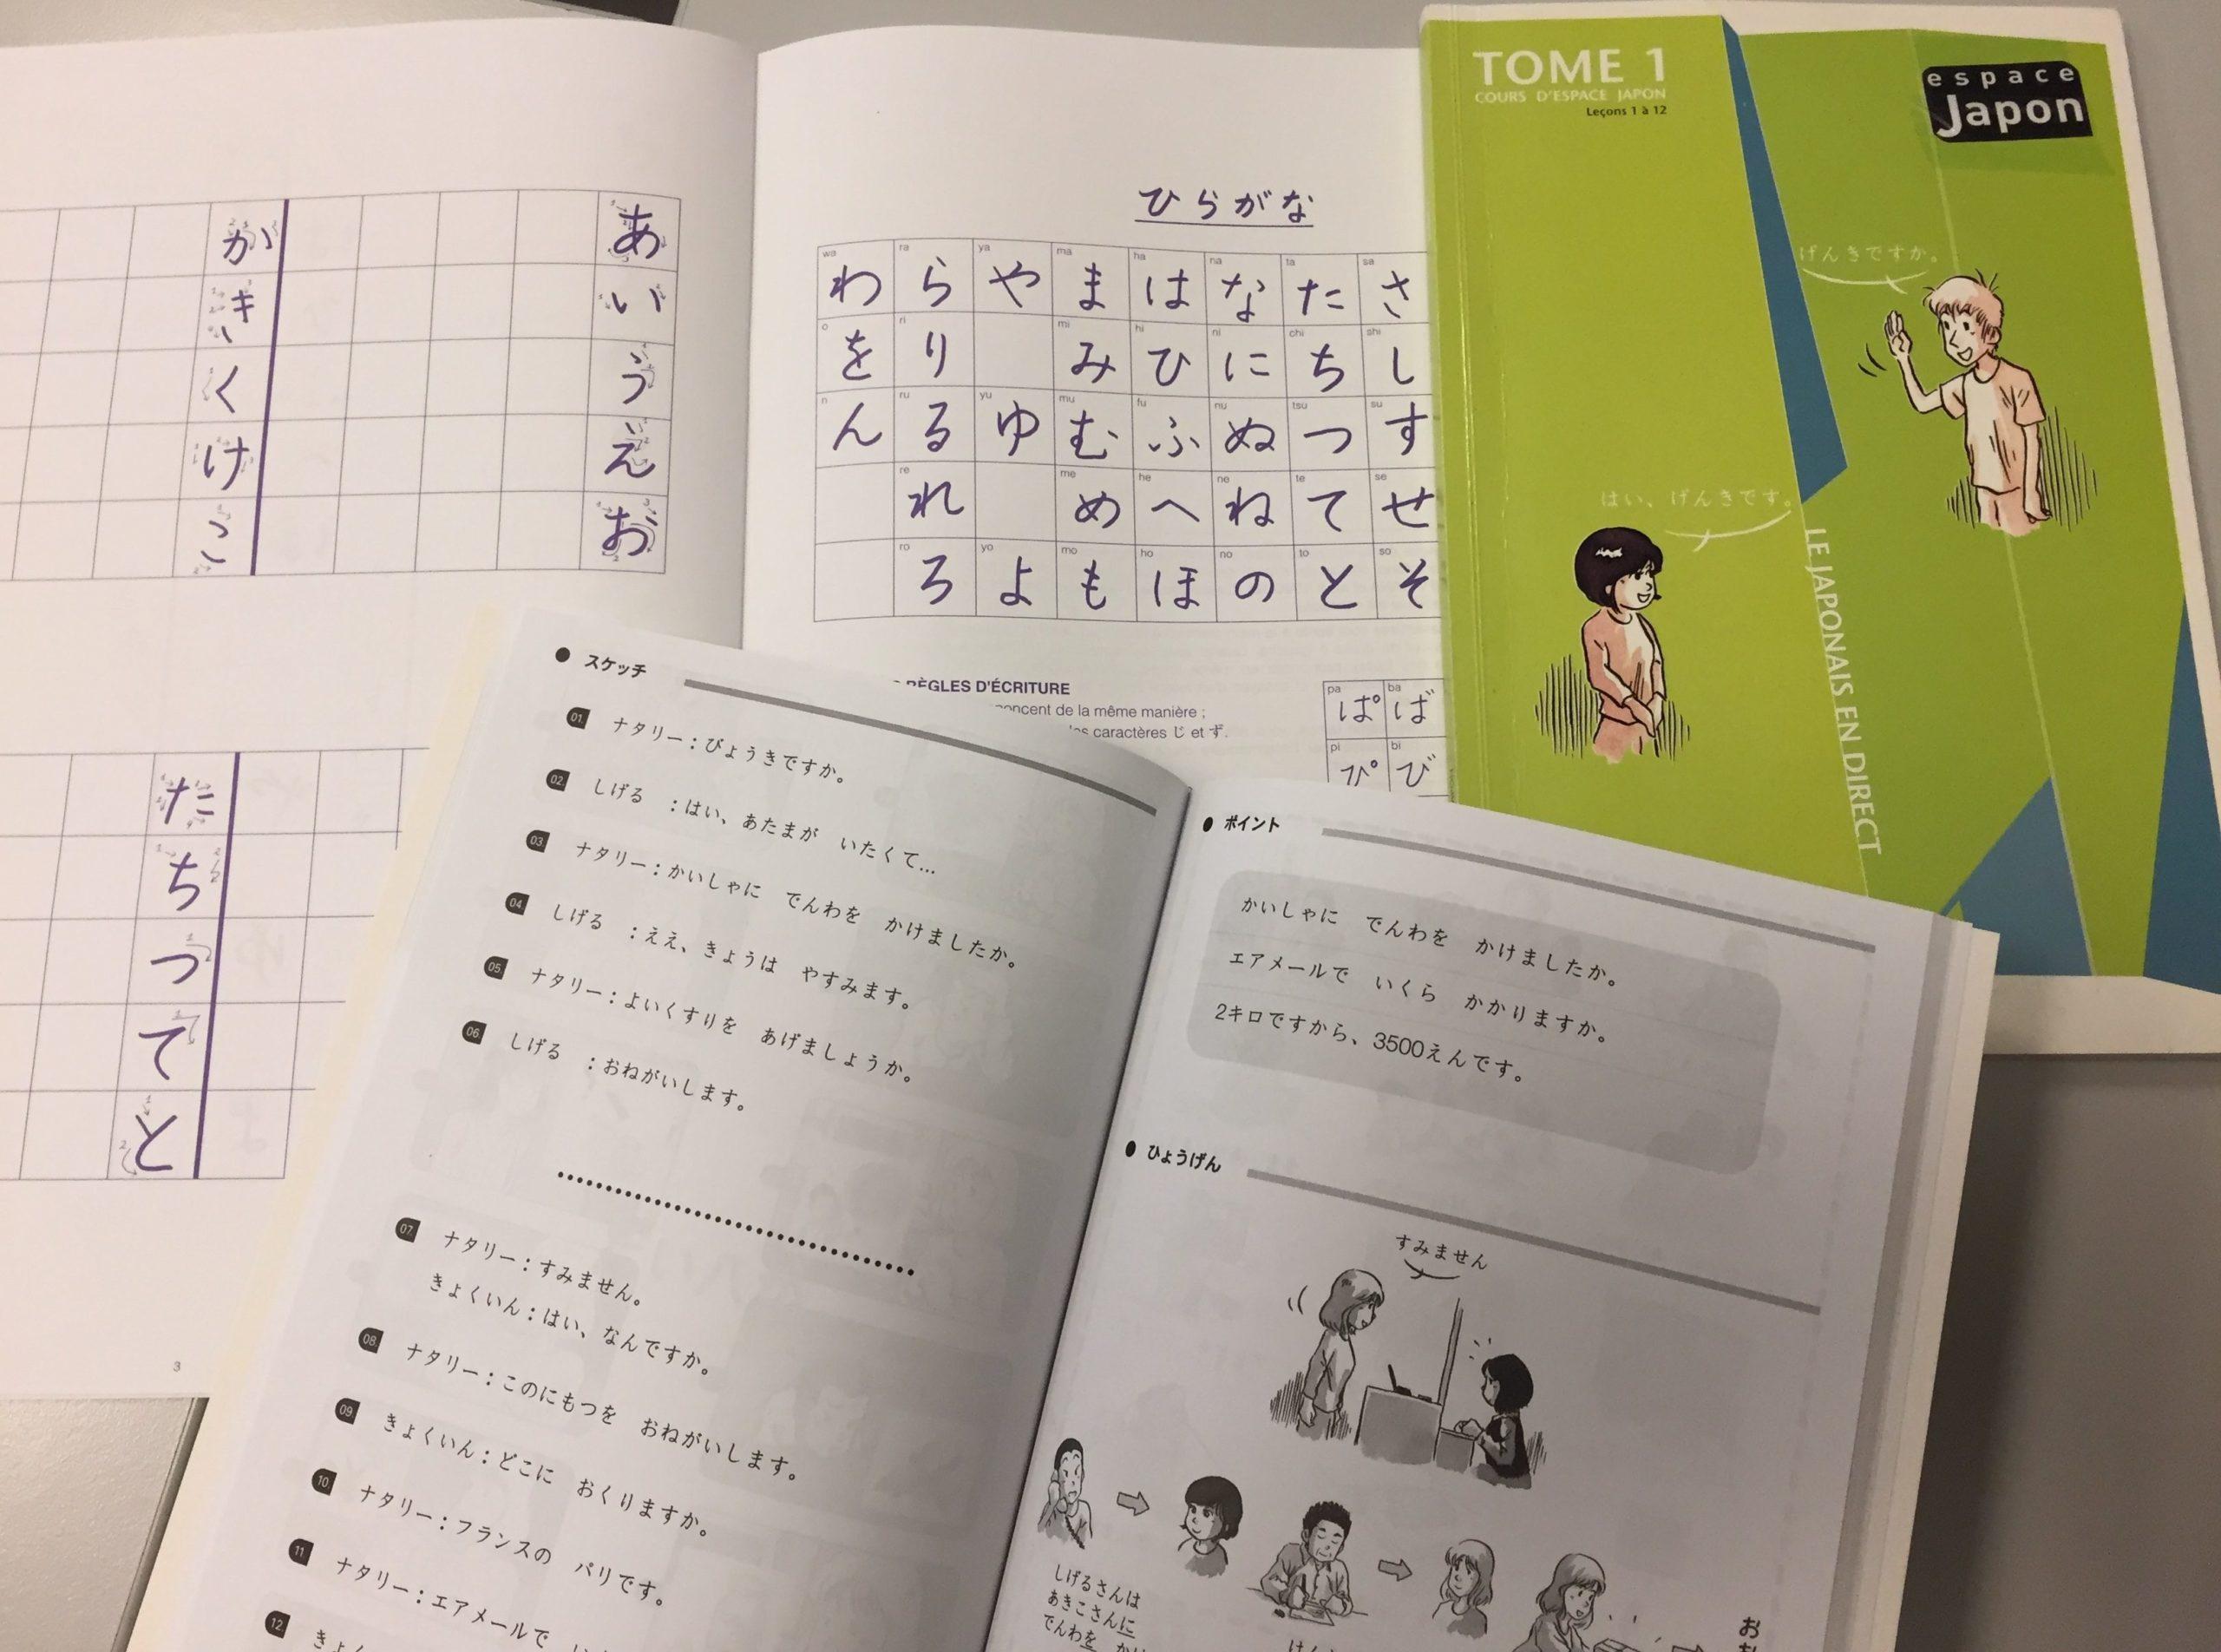 Notre prochain stage de japonais